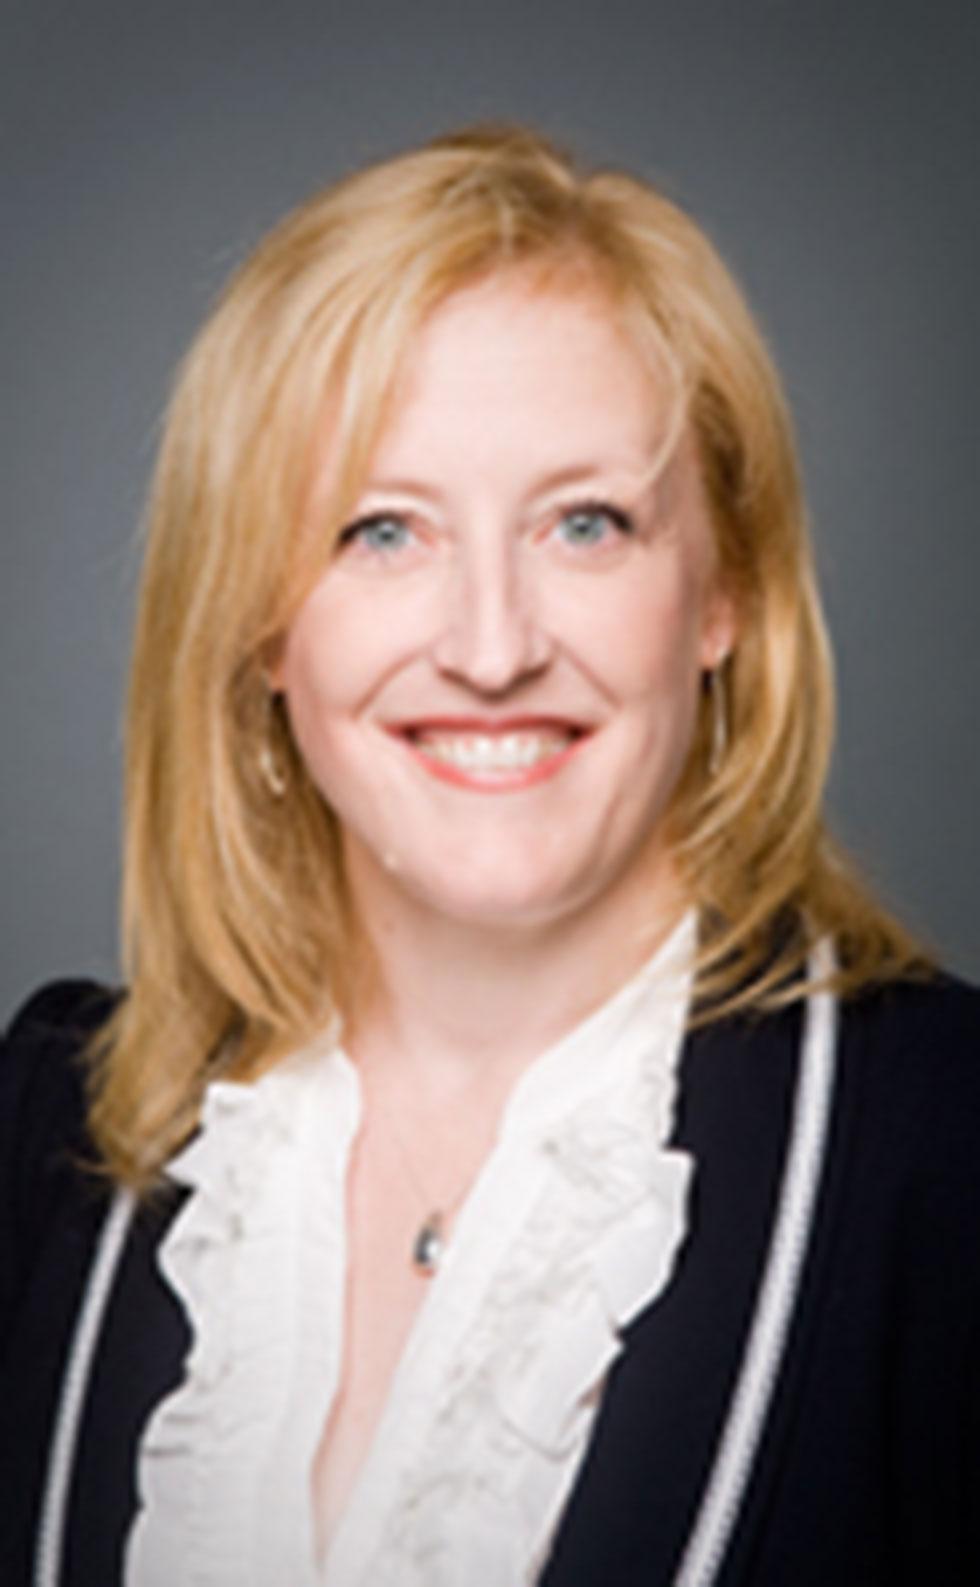 لیزا رایت، وزیر حمل و نقل کانادا